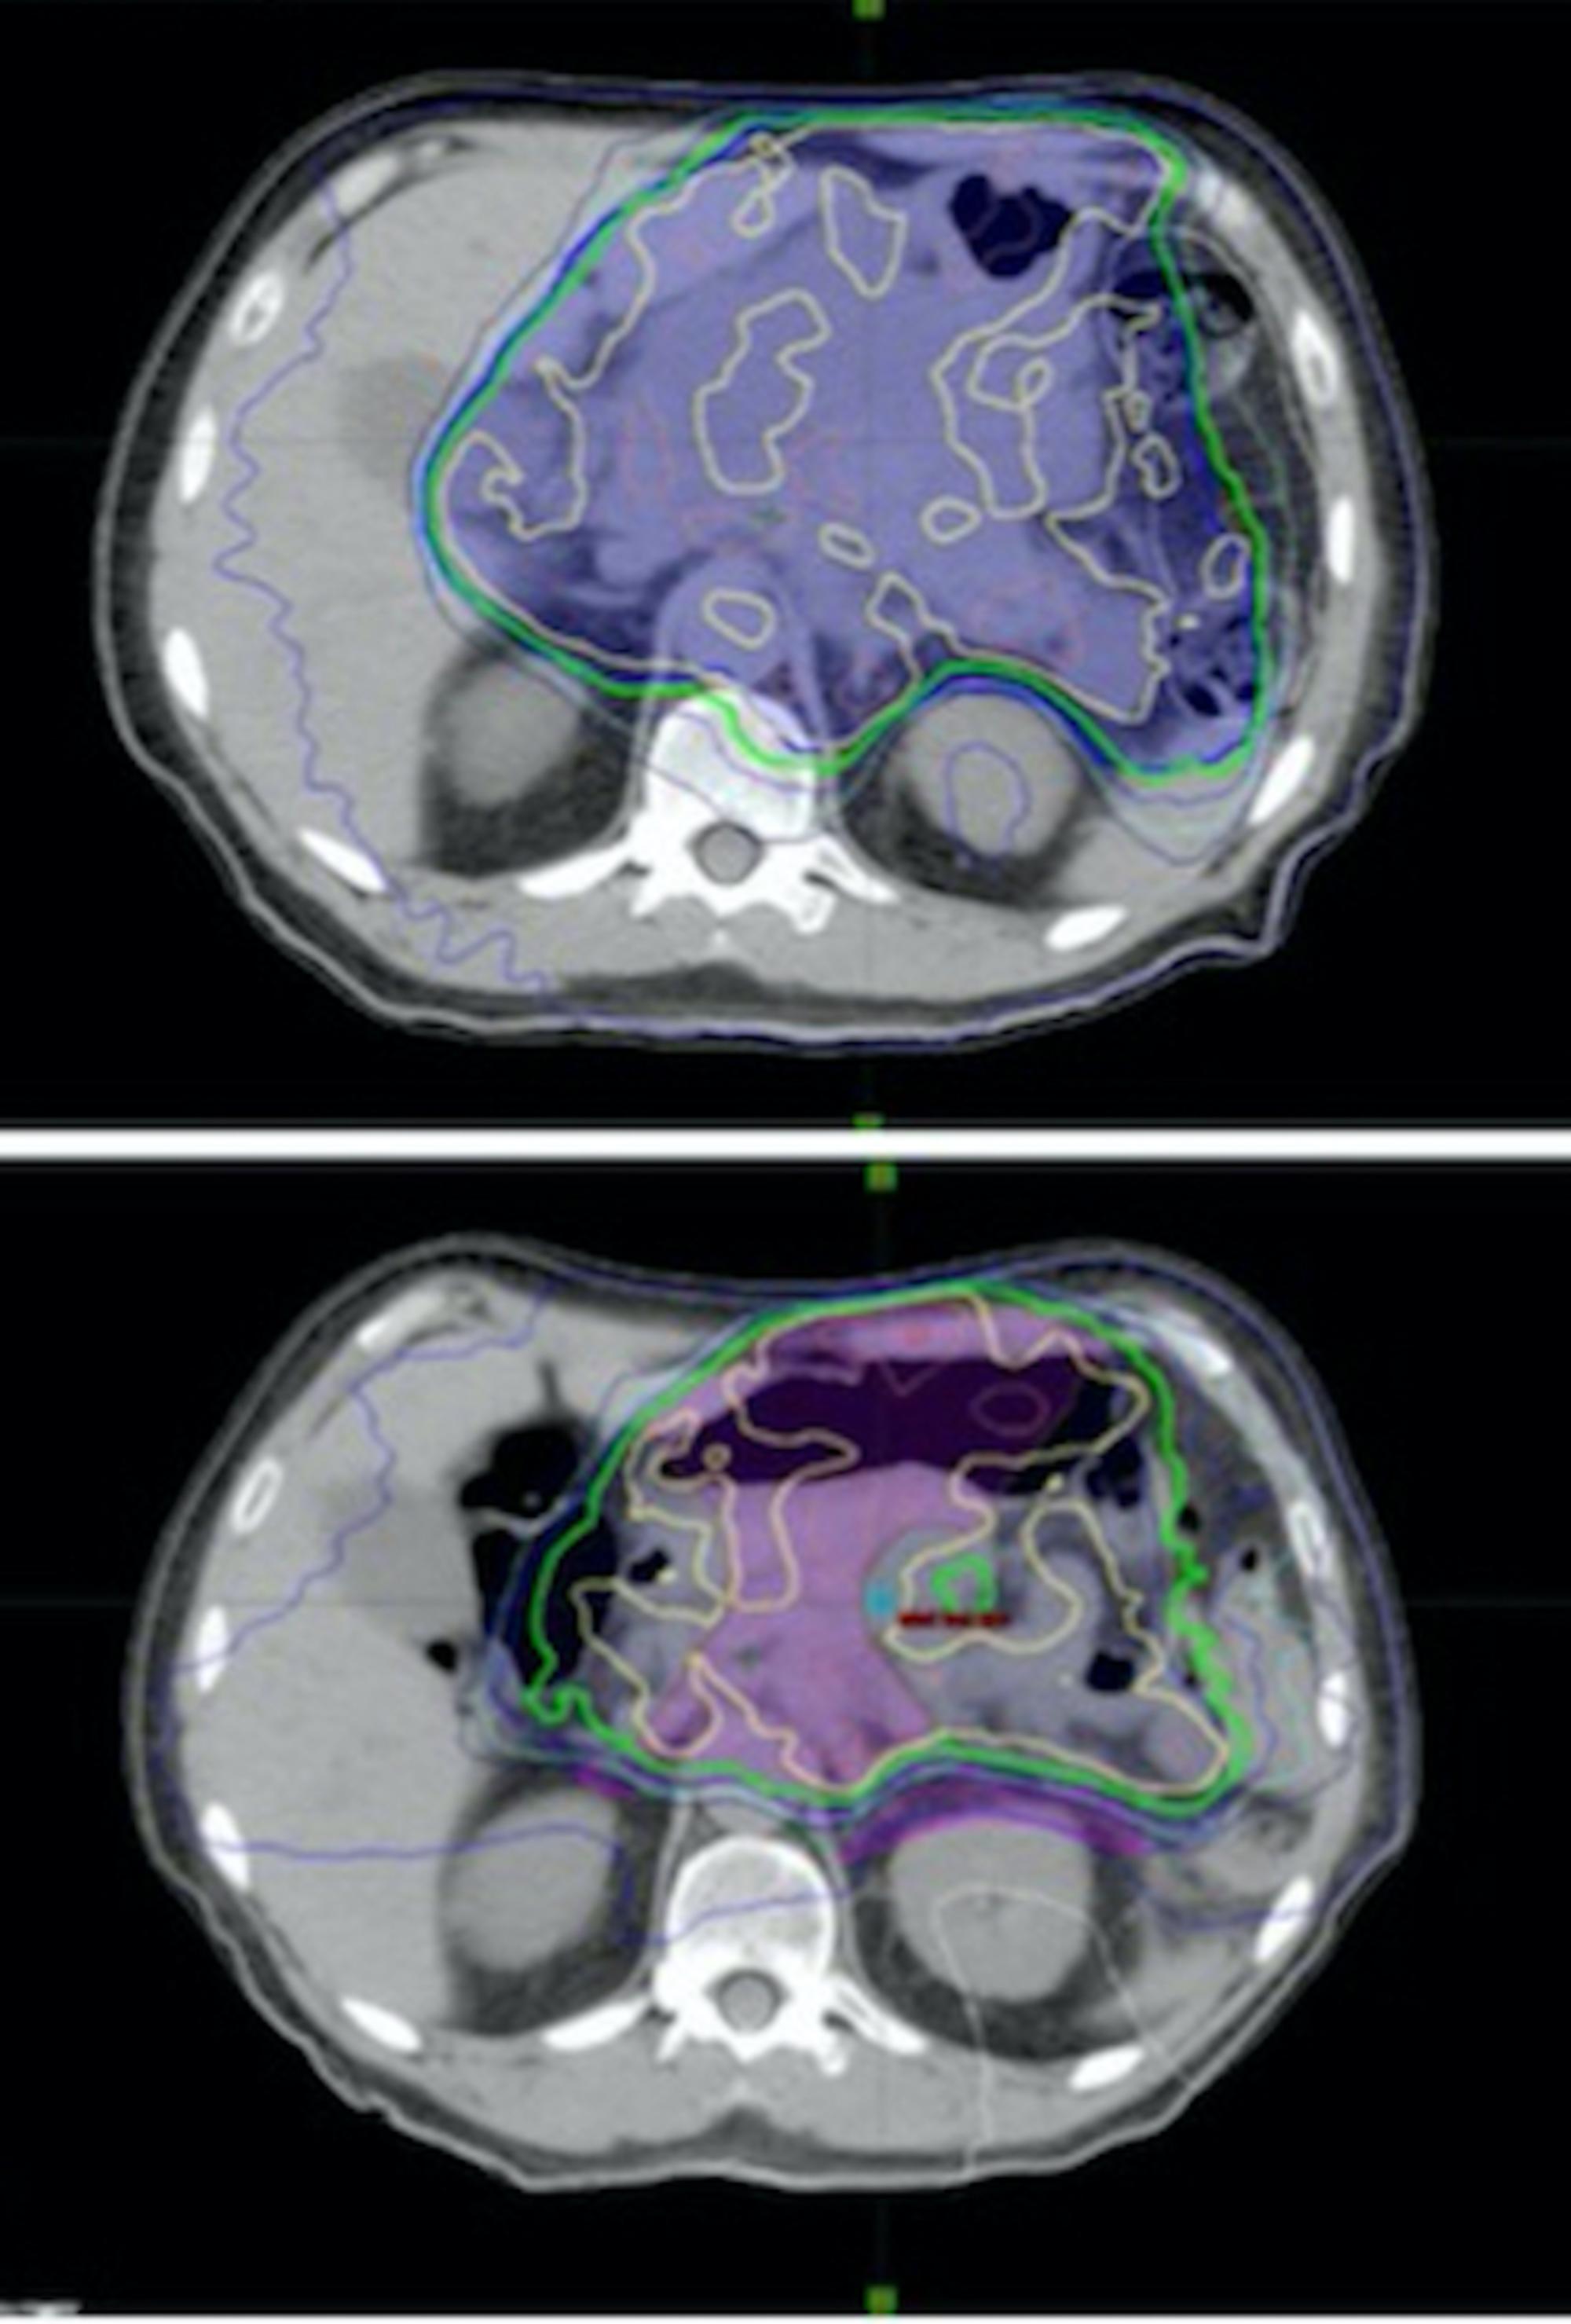 neuroendocrine cancer spread to liver cancer peritoneal causas